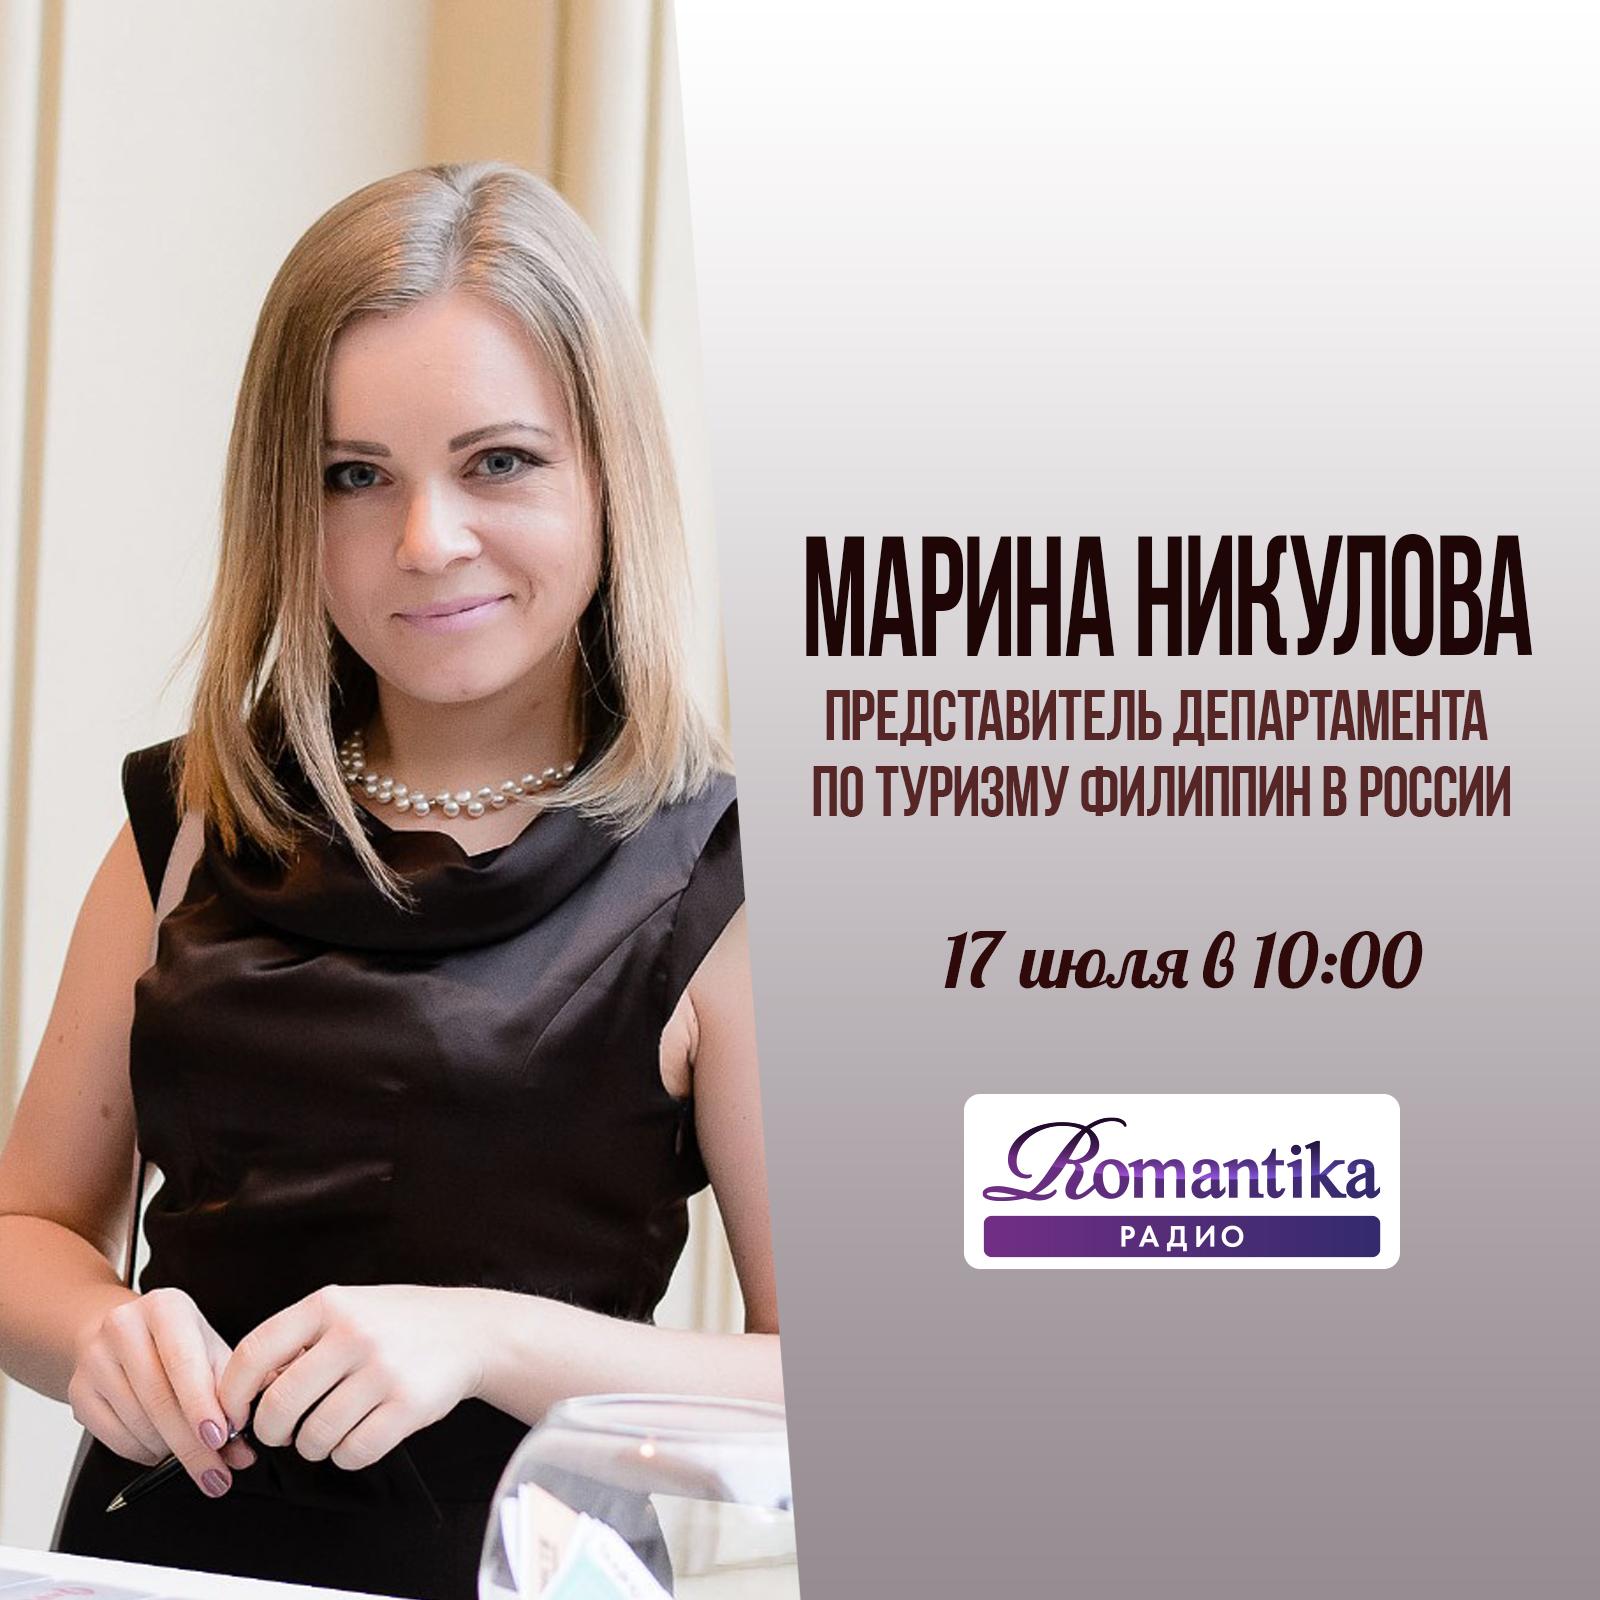 Утро на радио Romantika: 17 июля – в гостях представитель Департамента по туризму Филиппин в России Марина Никулова - Радио Romantika